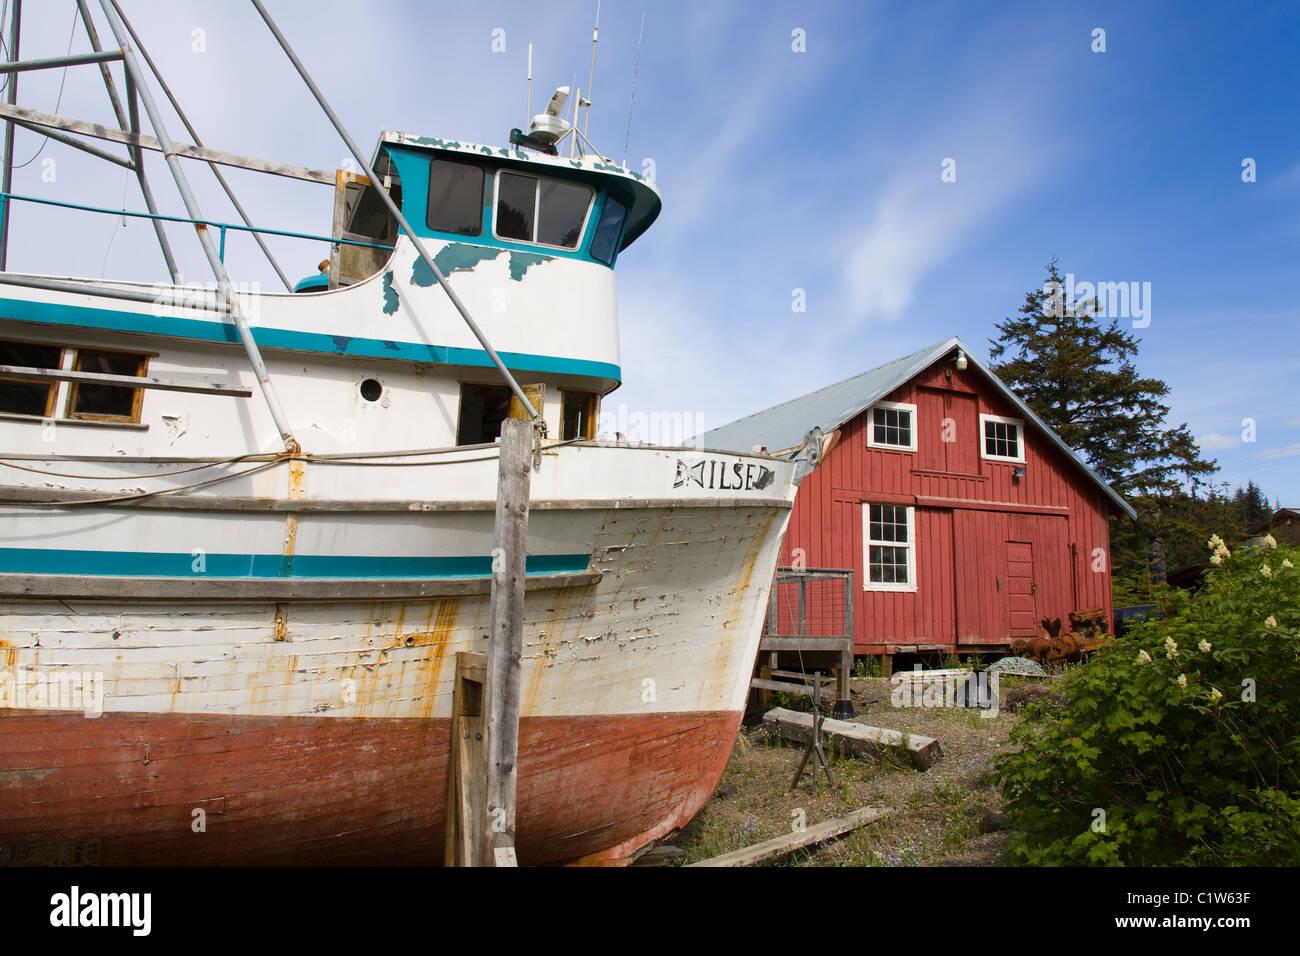 Angelbootfischerboot Mit Einem Museum Im Hintergrund Cannery